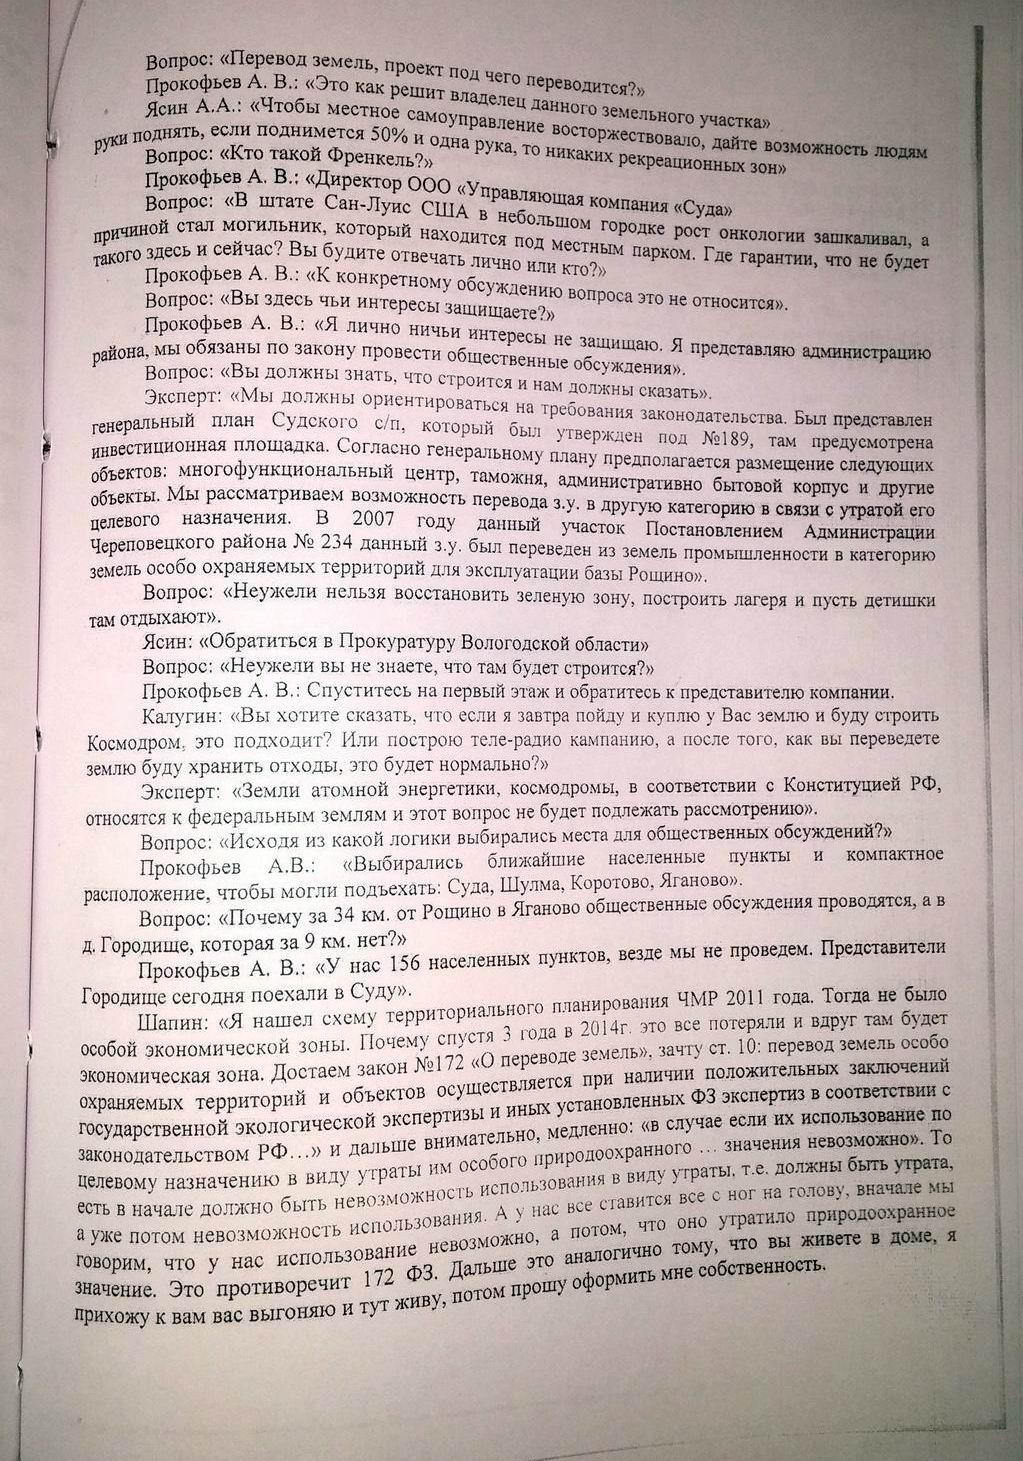 20151223_141857-Коротово